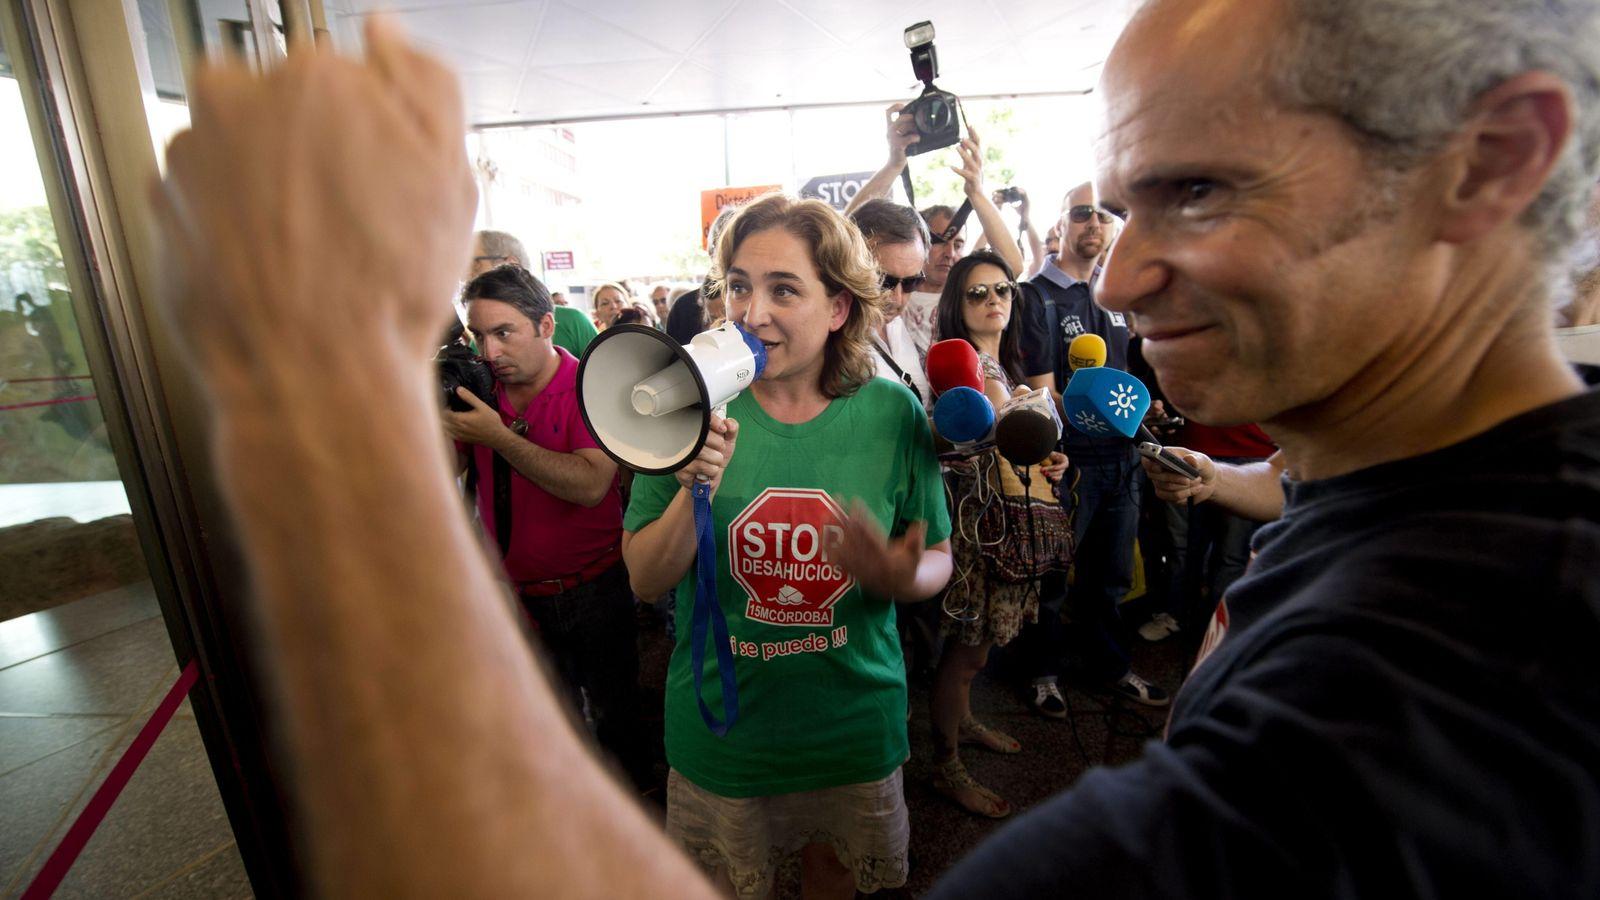 Foto: La que fuera portavoz de la Plataforma de Afectados por la Hipoteca, Ada Colau, en una imagen de archivo. (Efe)